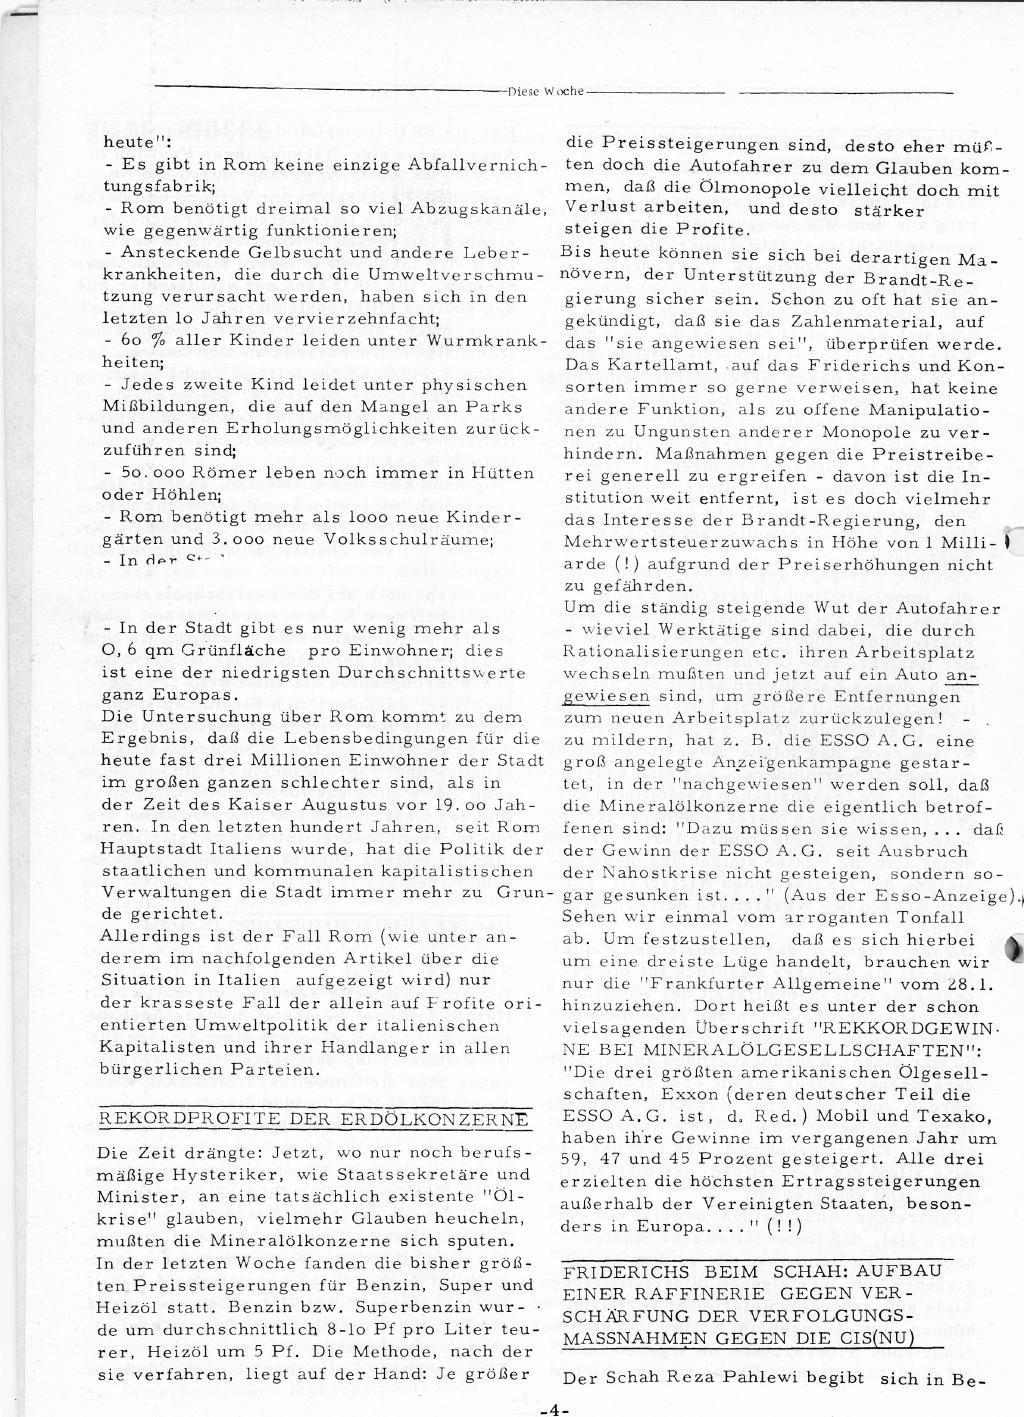 RPK_1974_05_04